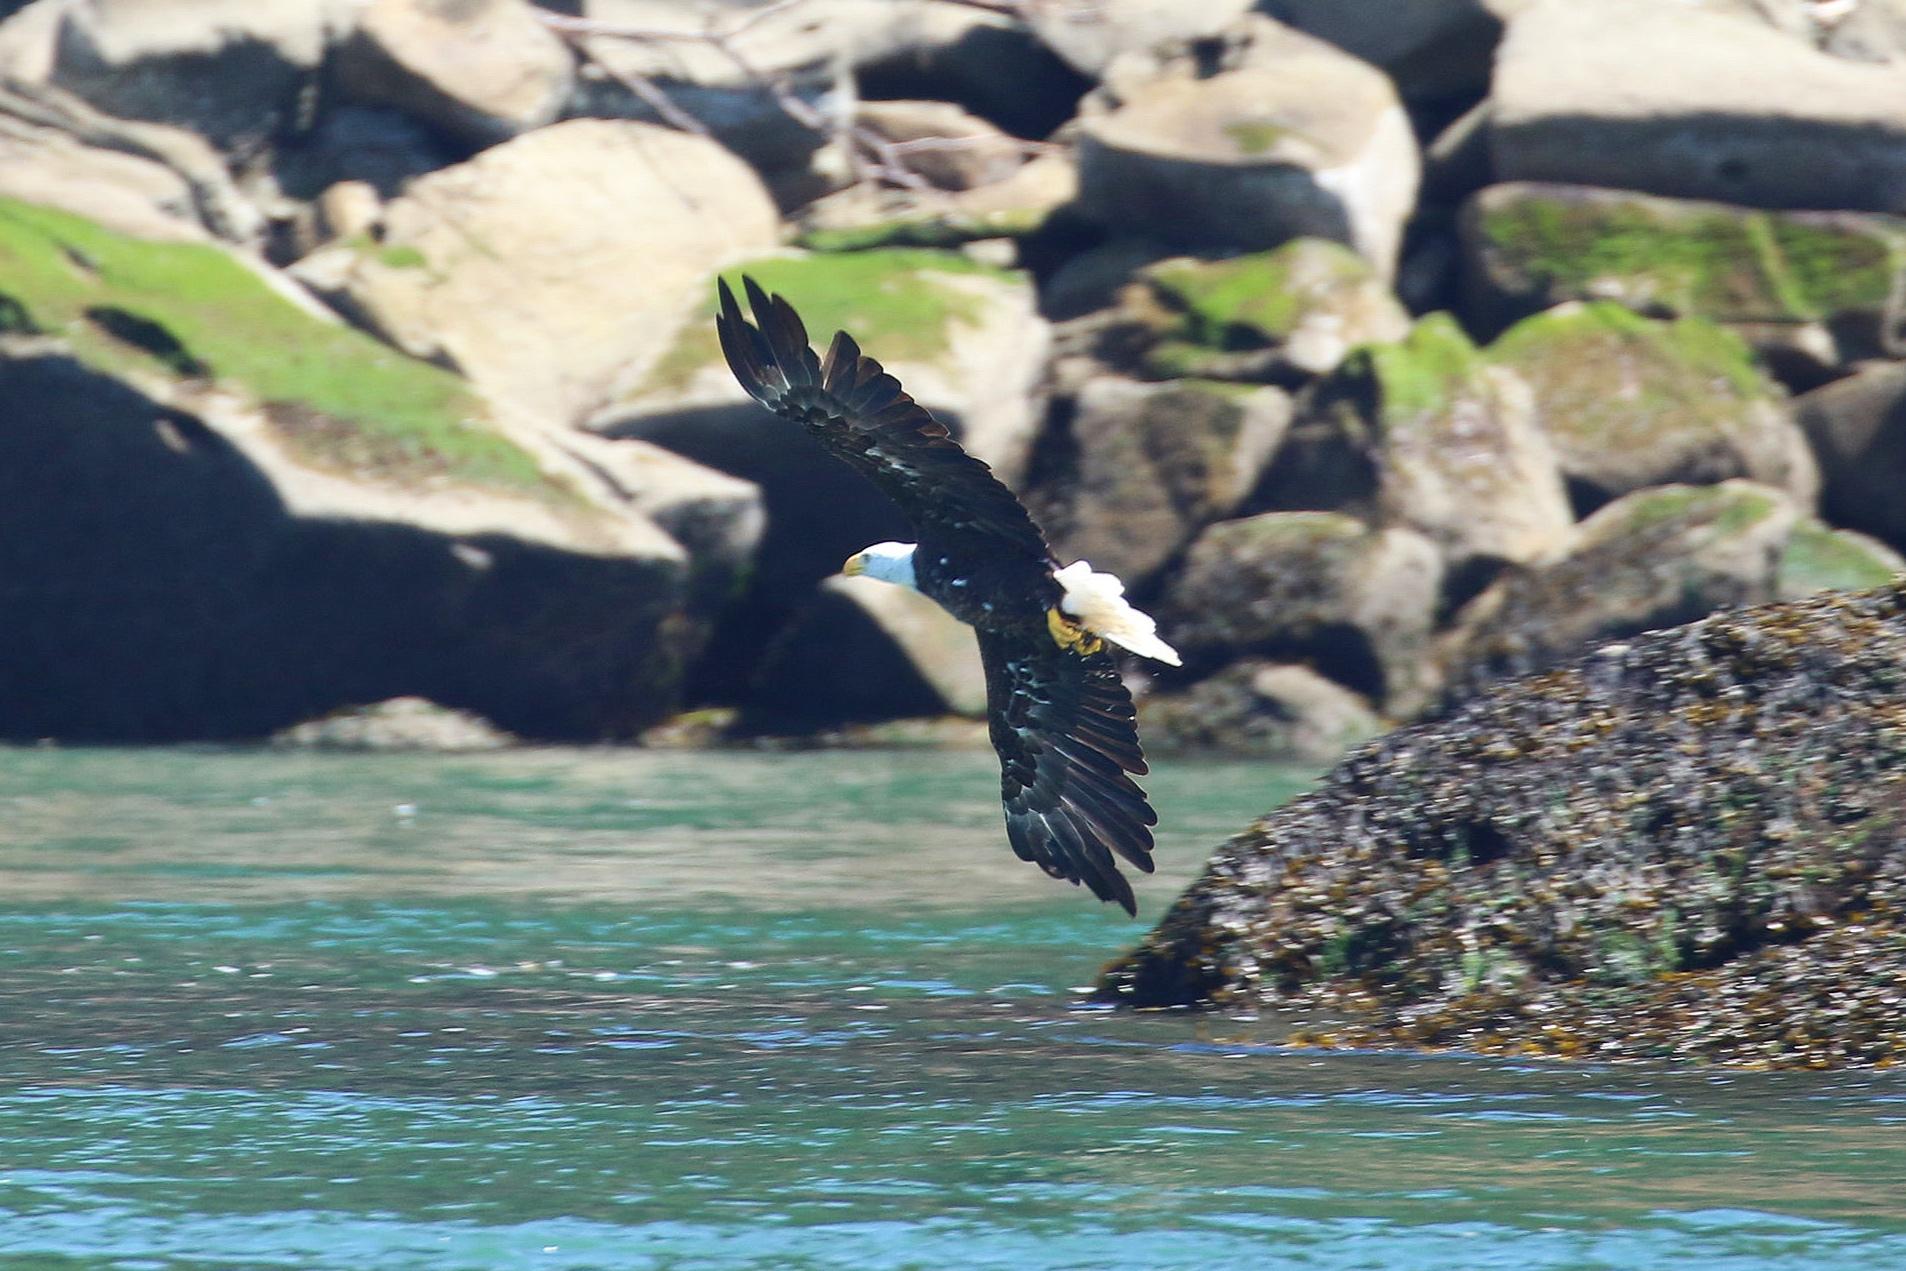 A gorgeous soaring eagle. Photo by Rebeka Pirker (10:30).